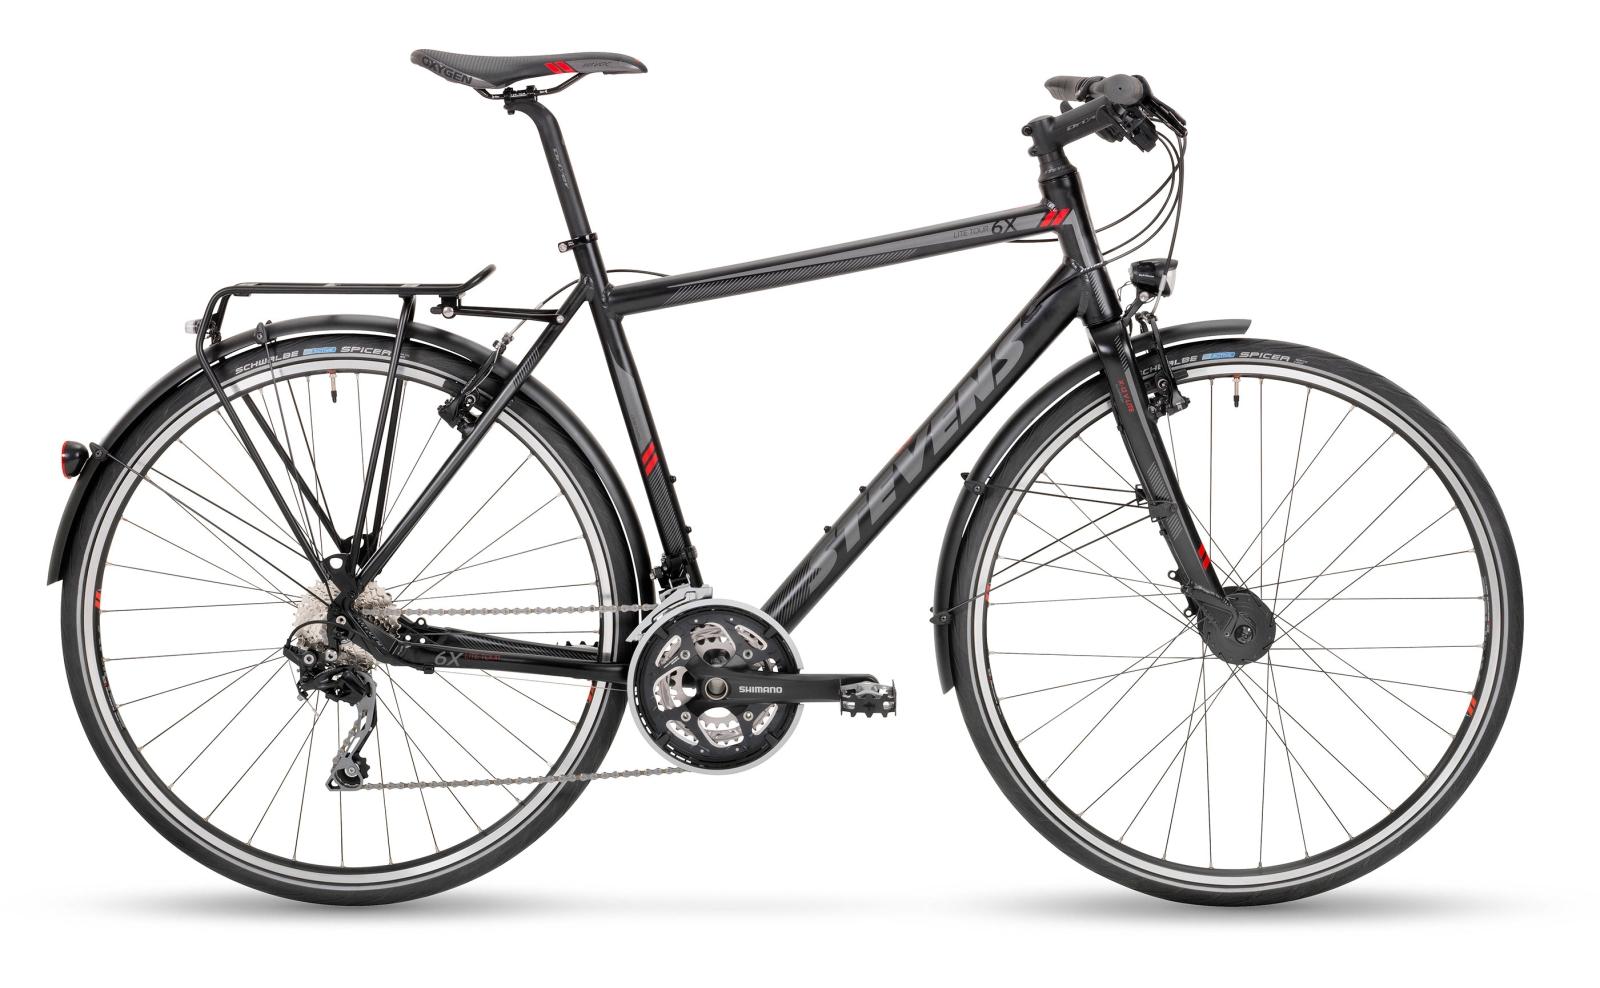 stevens 6x lite tour city bikes fitnessr der 2017. Black Bedroom Furniture Sets. Home Design Ideas